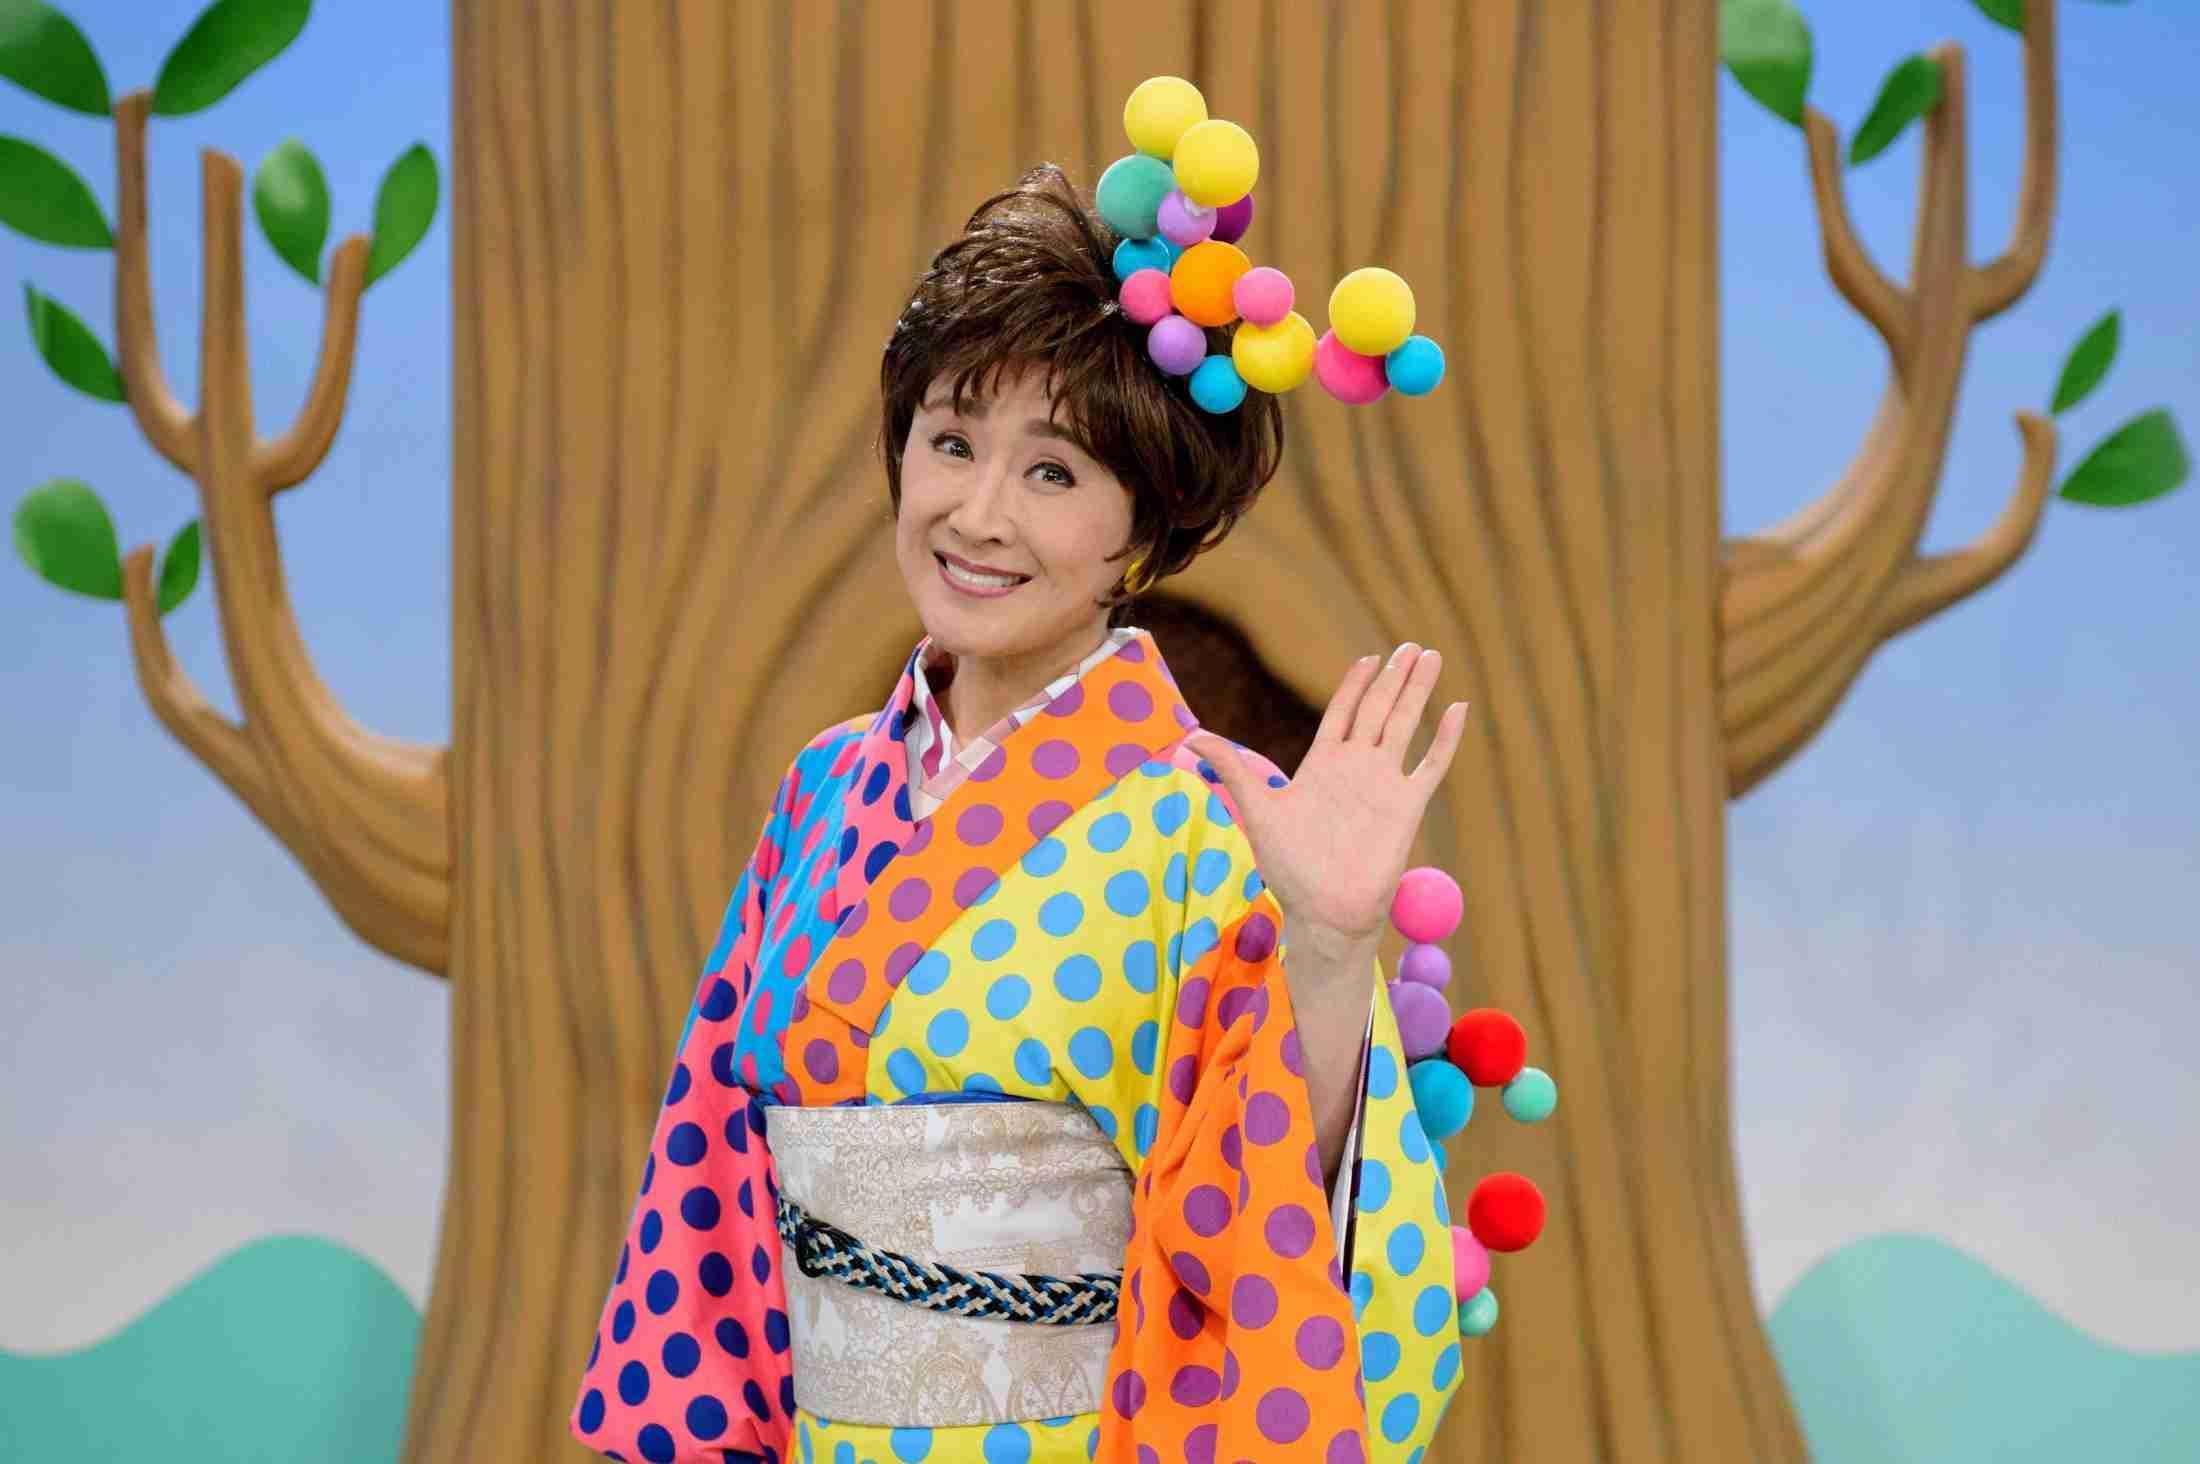 62歳・小林幸子が歌のお姉さんに!仰天企画に「まだまだチャレンジ」 (デイリースポーツ) - Yahoo!ニュース